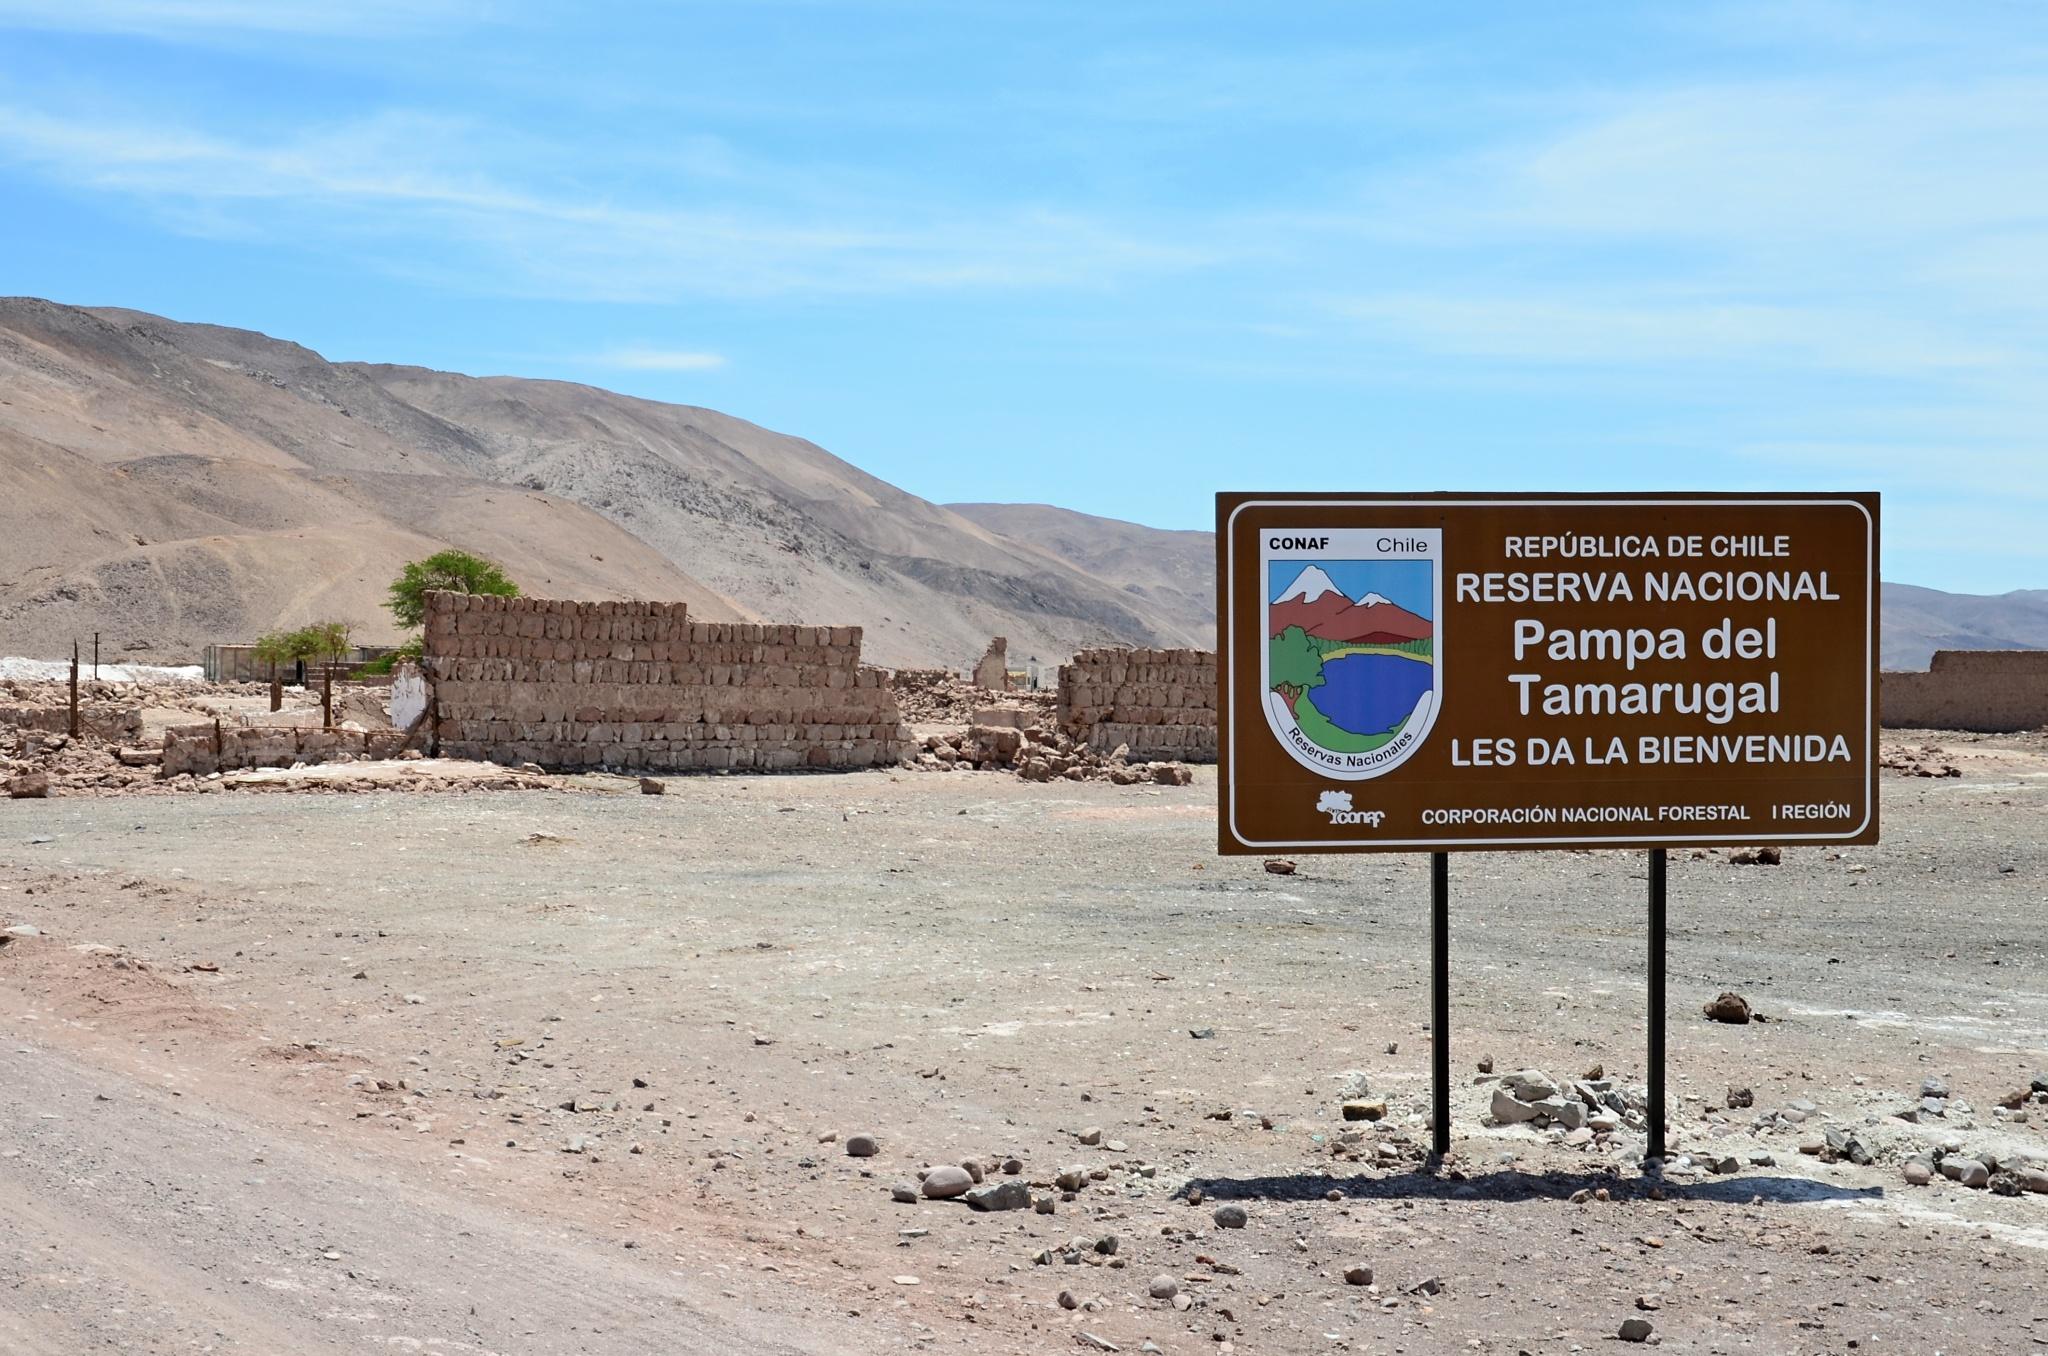 Příjezd do Národní rezervace Pampa del Tamarugal